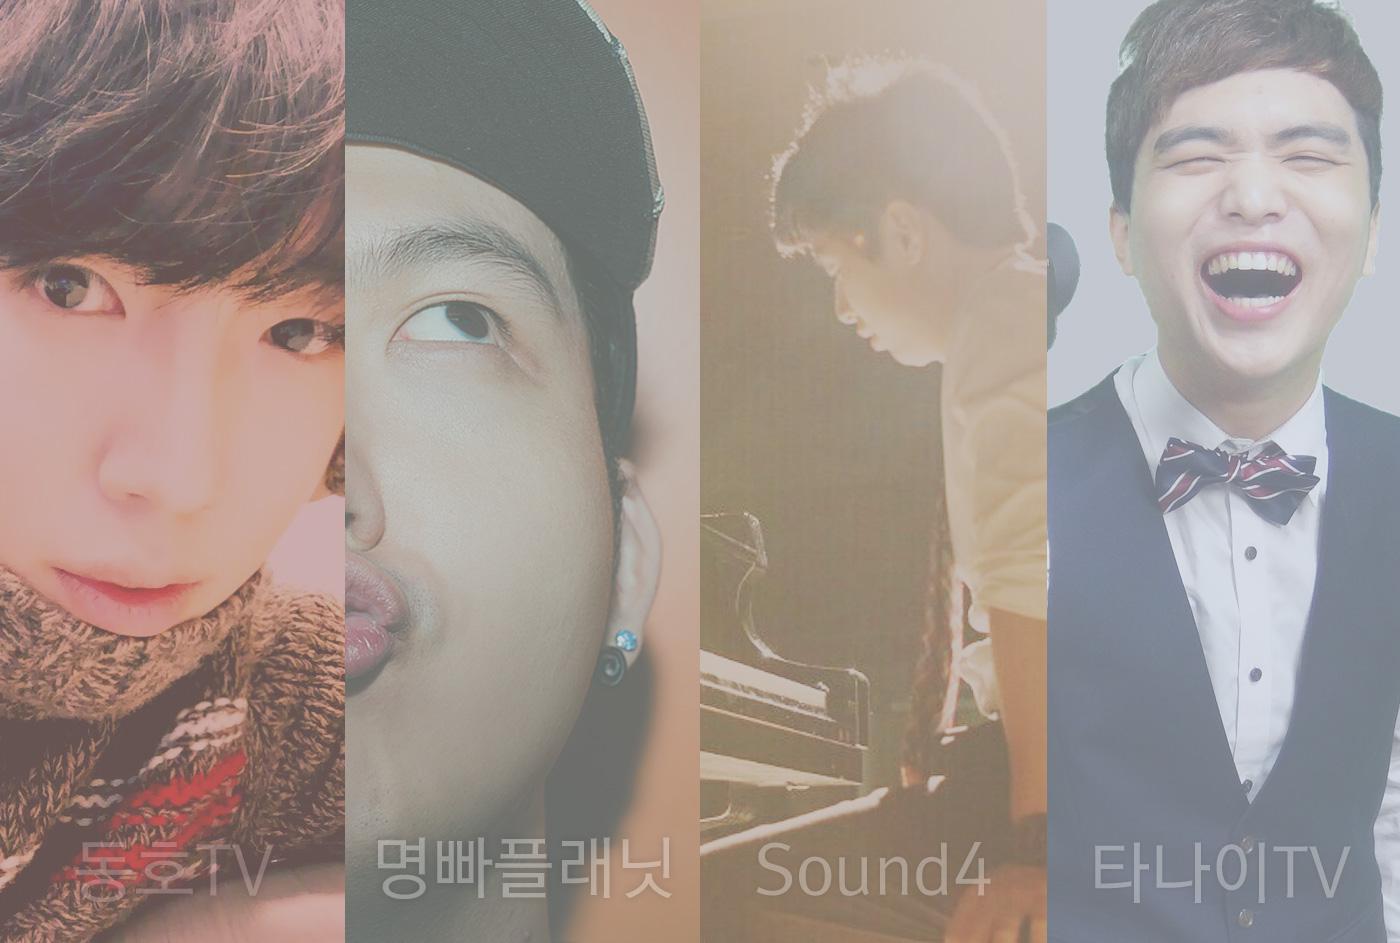 동호TV, 명빠플래닛, Sound4, 타나이TV